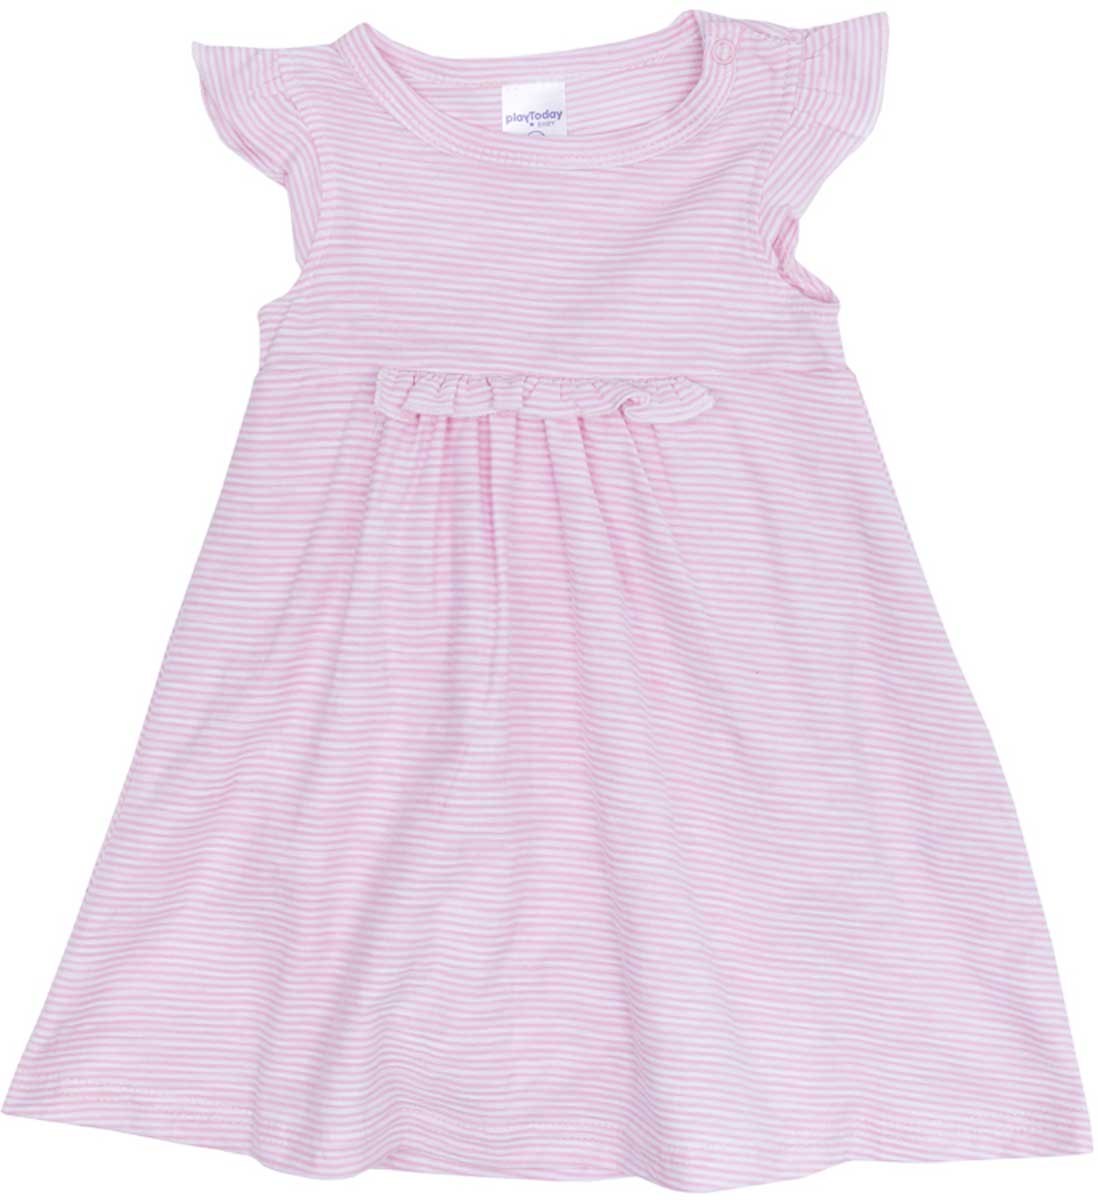 Платье для девочки PlayToday, цвет: светло-розовый, белый. 178809. Размер 68178809Платье PlayToday с завышенной талией, с округлым вырезом у горловины, понравится вашей моднице. Свободный крой не сковывает движений. Приятная на ощупь ткань не раздражает нежную кожу ребенка. Модель на рукавах декорирована небольшими оборками, что создает эффект крылышек.